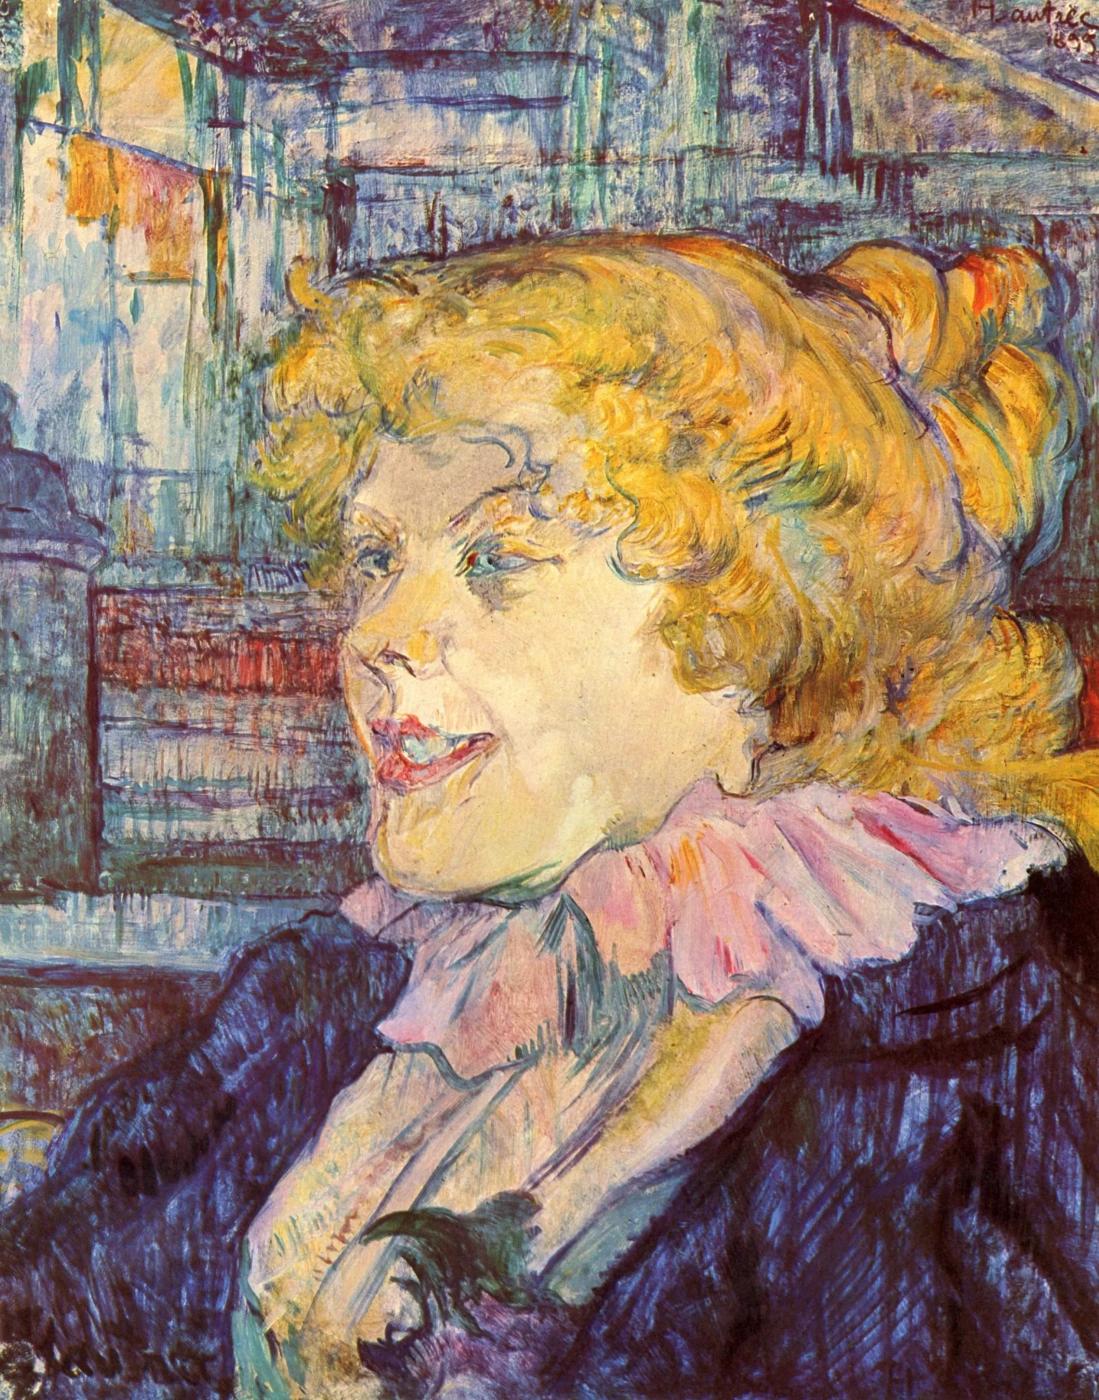 «Англичанка из Звезды в Гавре» Анри де Тулуз-Лотрек Живопись, 1899, 41 × 32.8 см